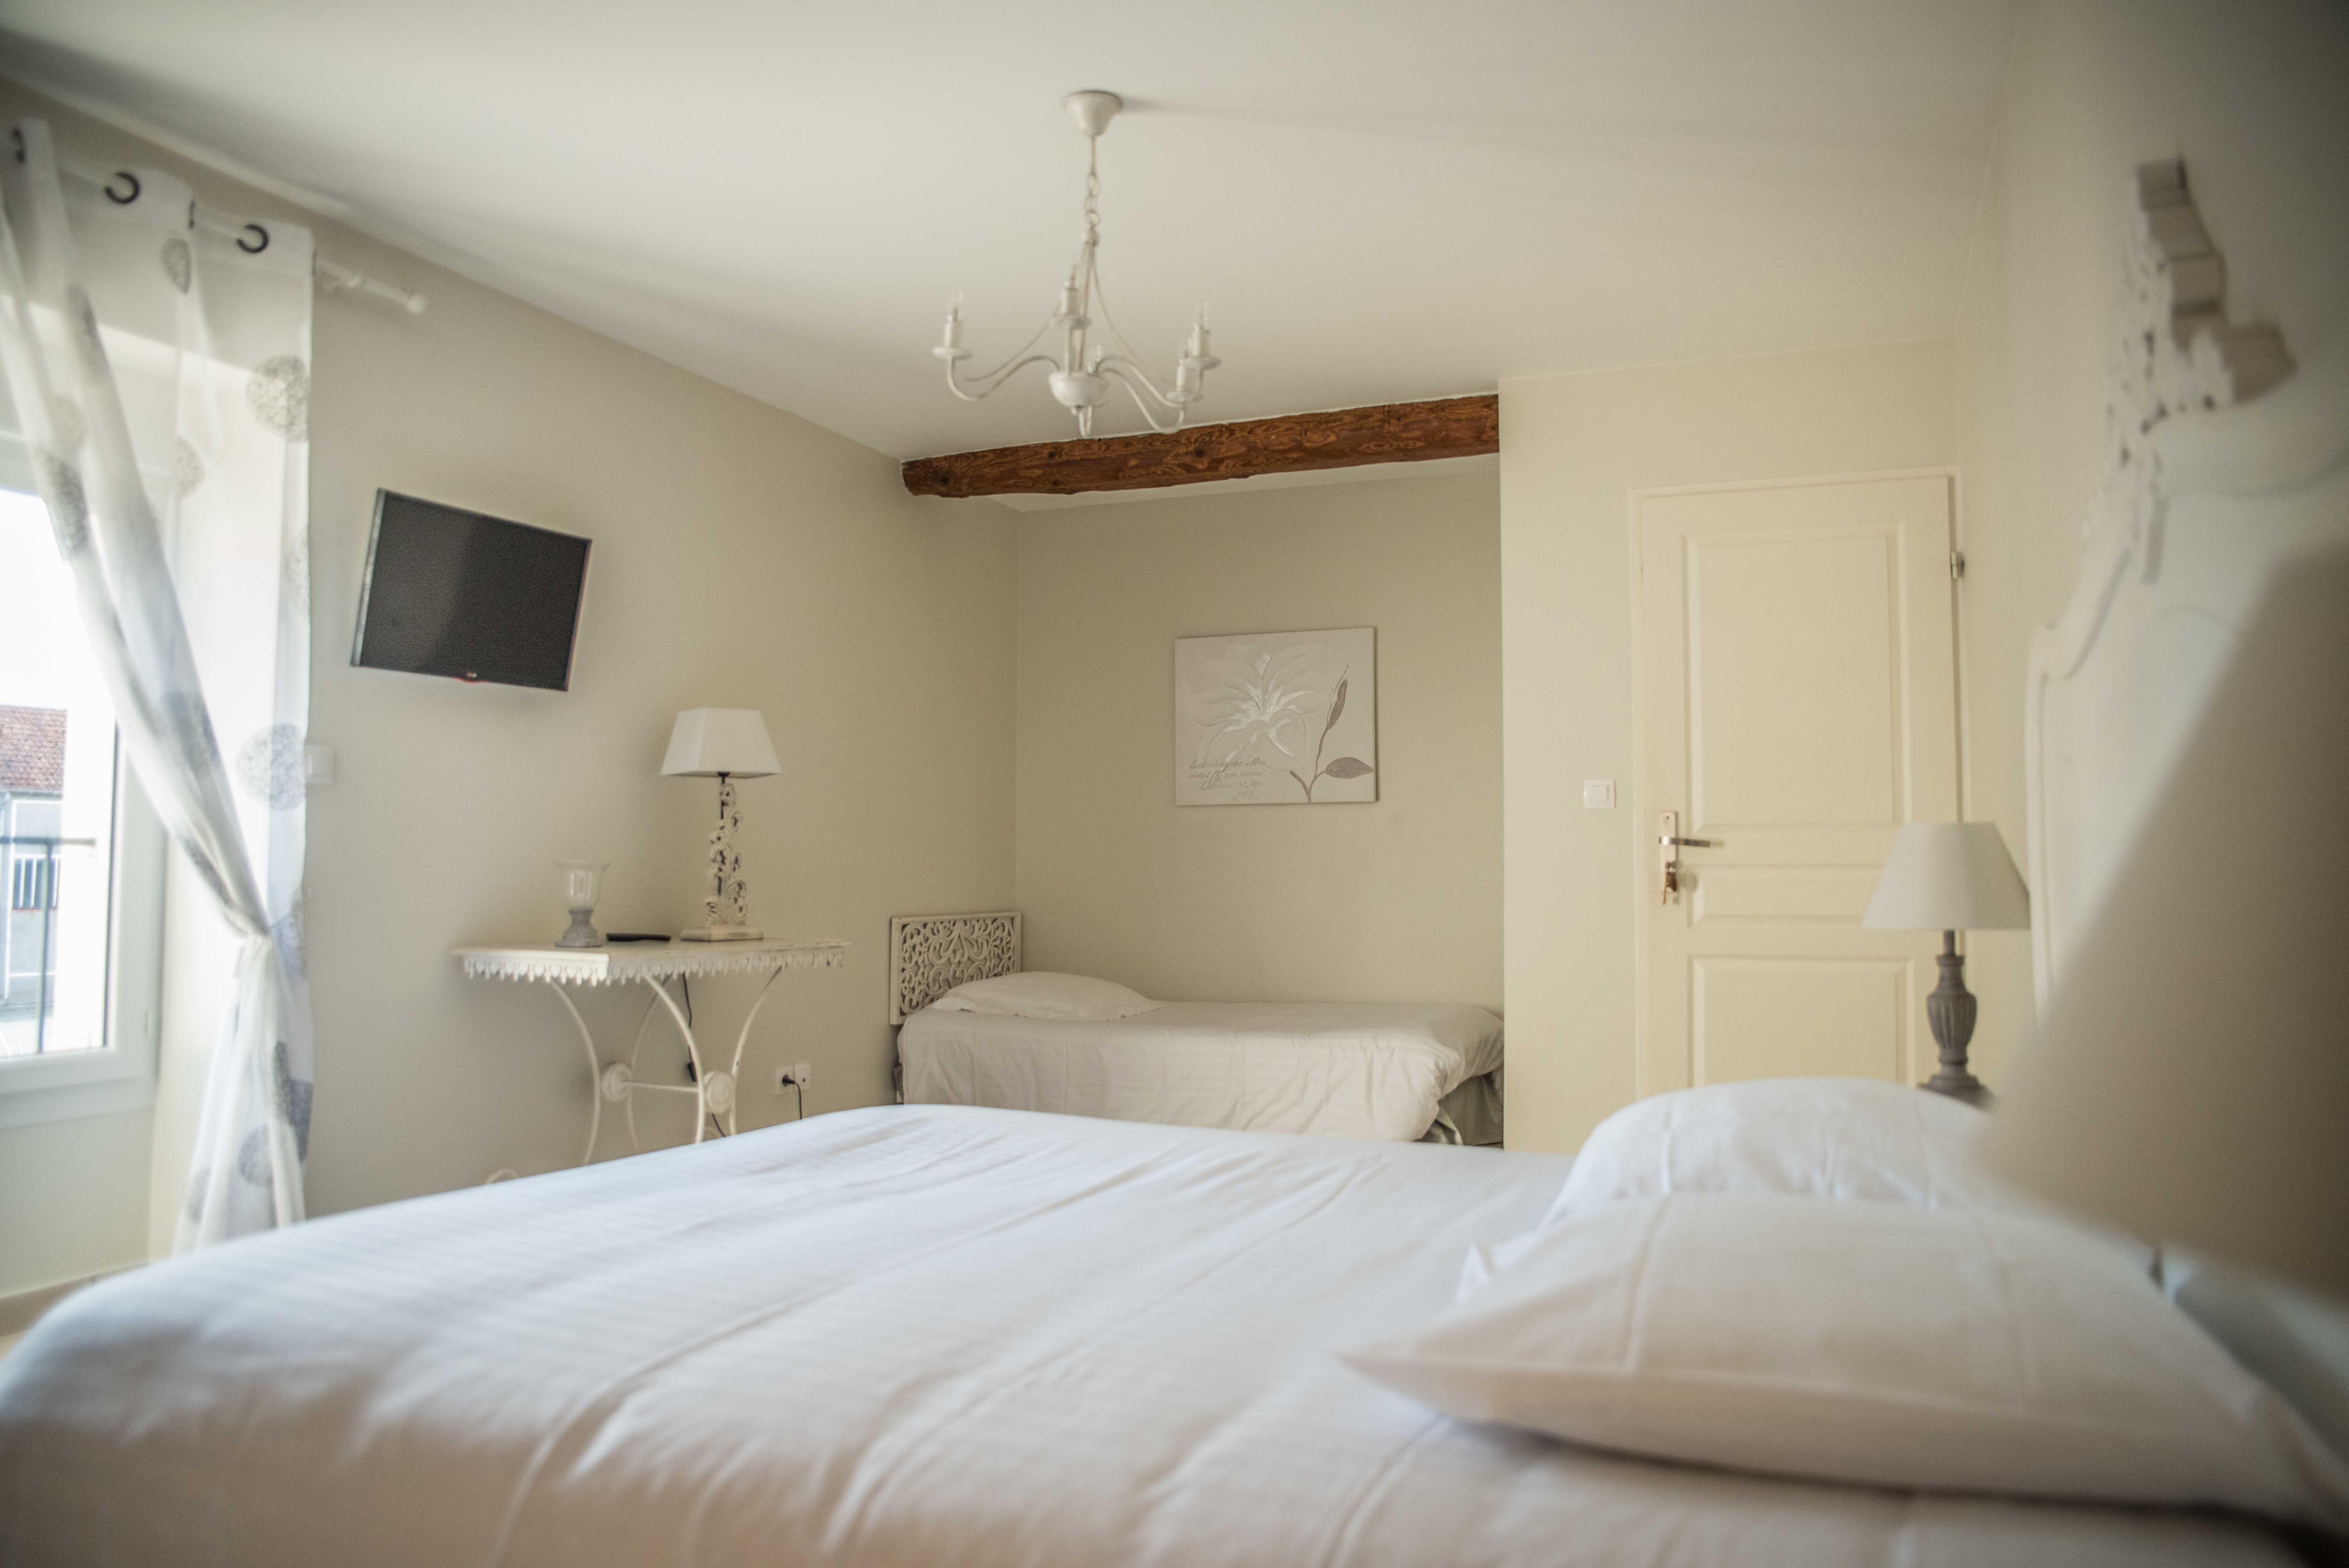 ferme de villeray chambres d h tes et salle de r ceptions essonne s nart. Black Bedroom Furniture Sets. Home Design Ideas